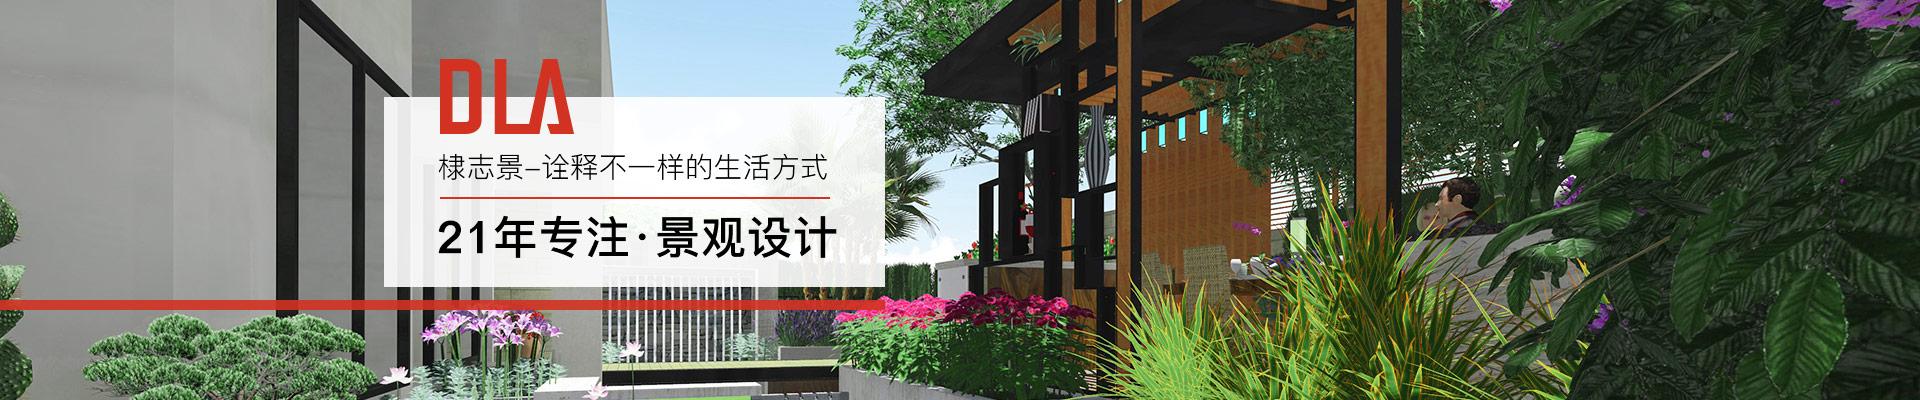 深圳棣志景-21年专注景观设计